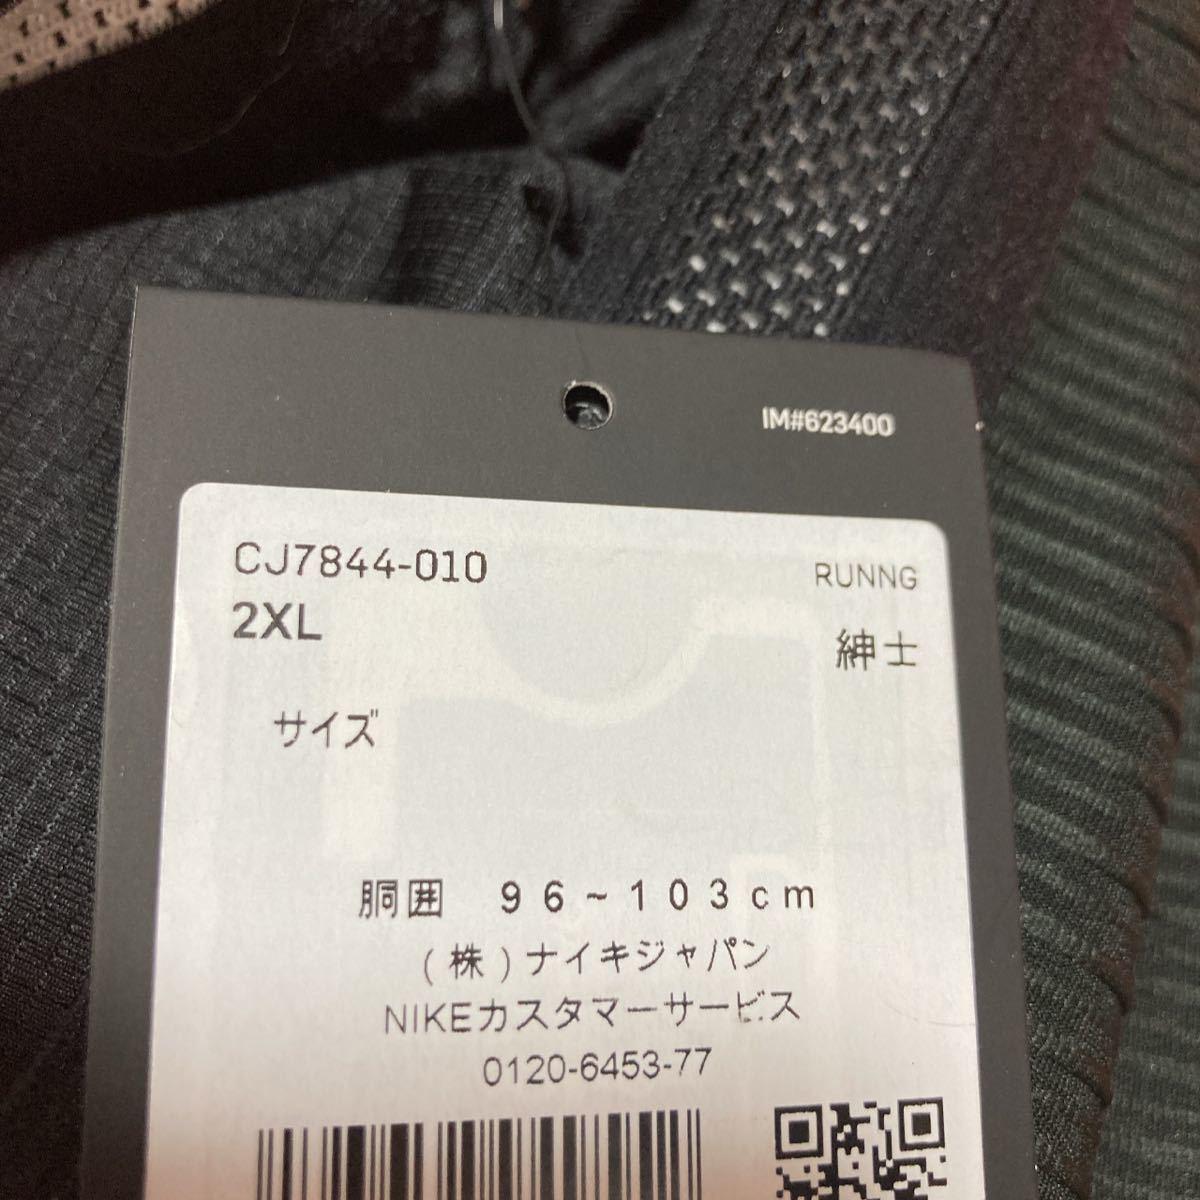 ナイキ エアロスウィフト ハーフタイツ メンズXXL 定価9350円税込